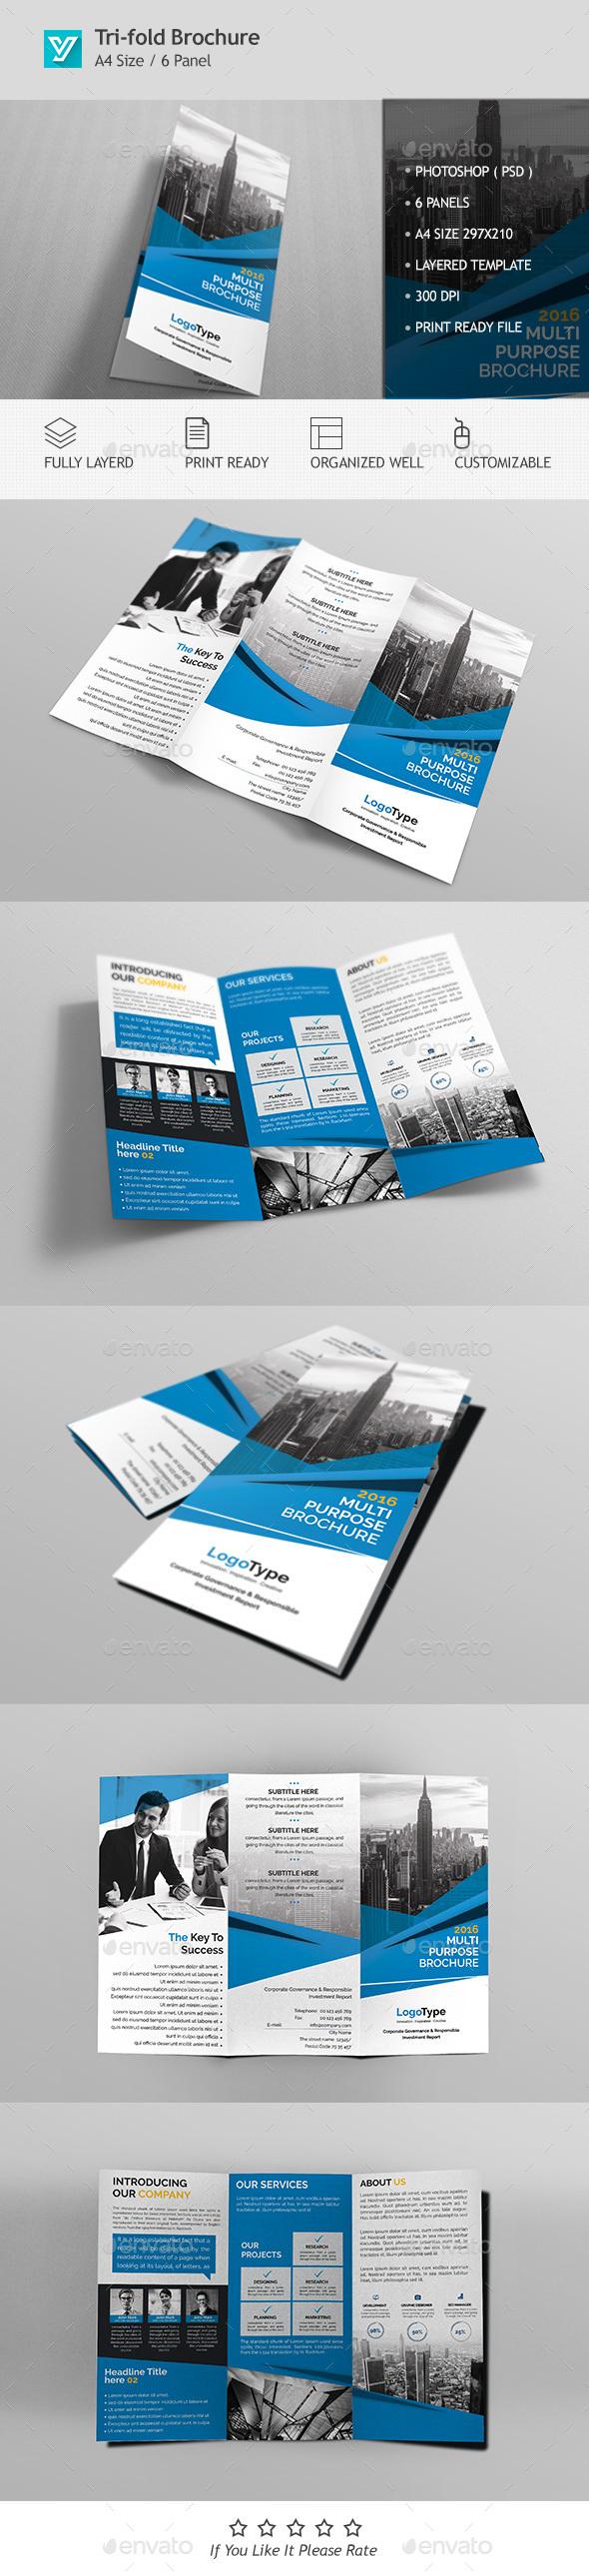 Corporate Tri-fold Brochure Template 03 - Corporate Brochures